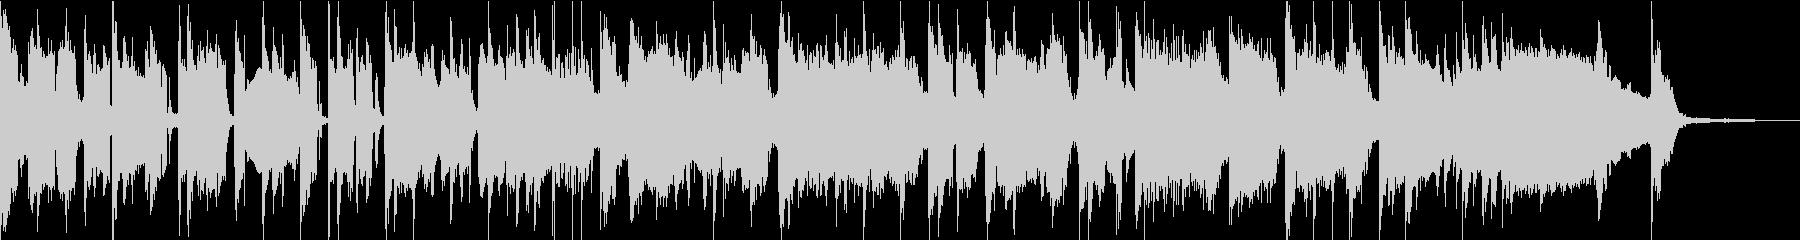 サイケなファンクロックバンド30秒の未再生の波形